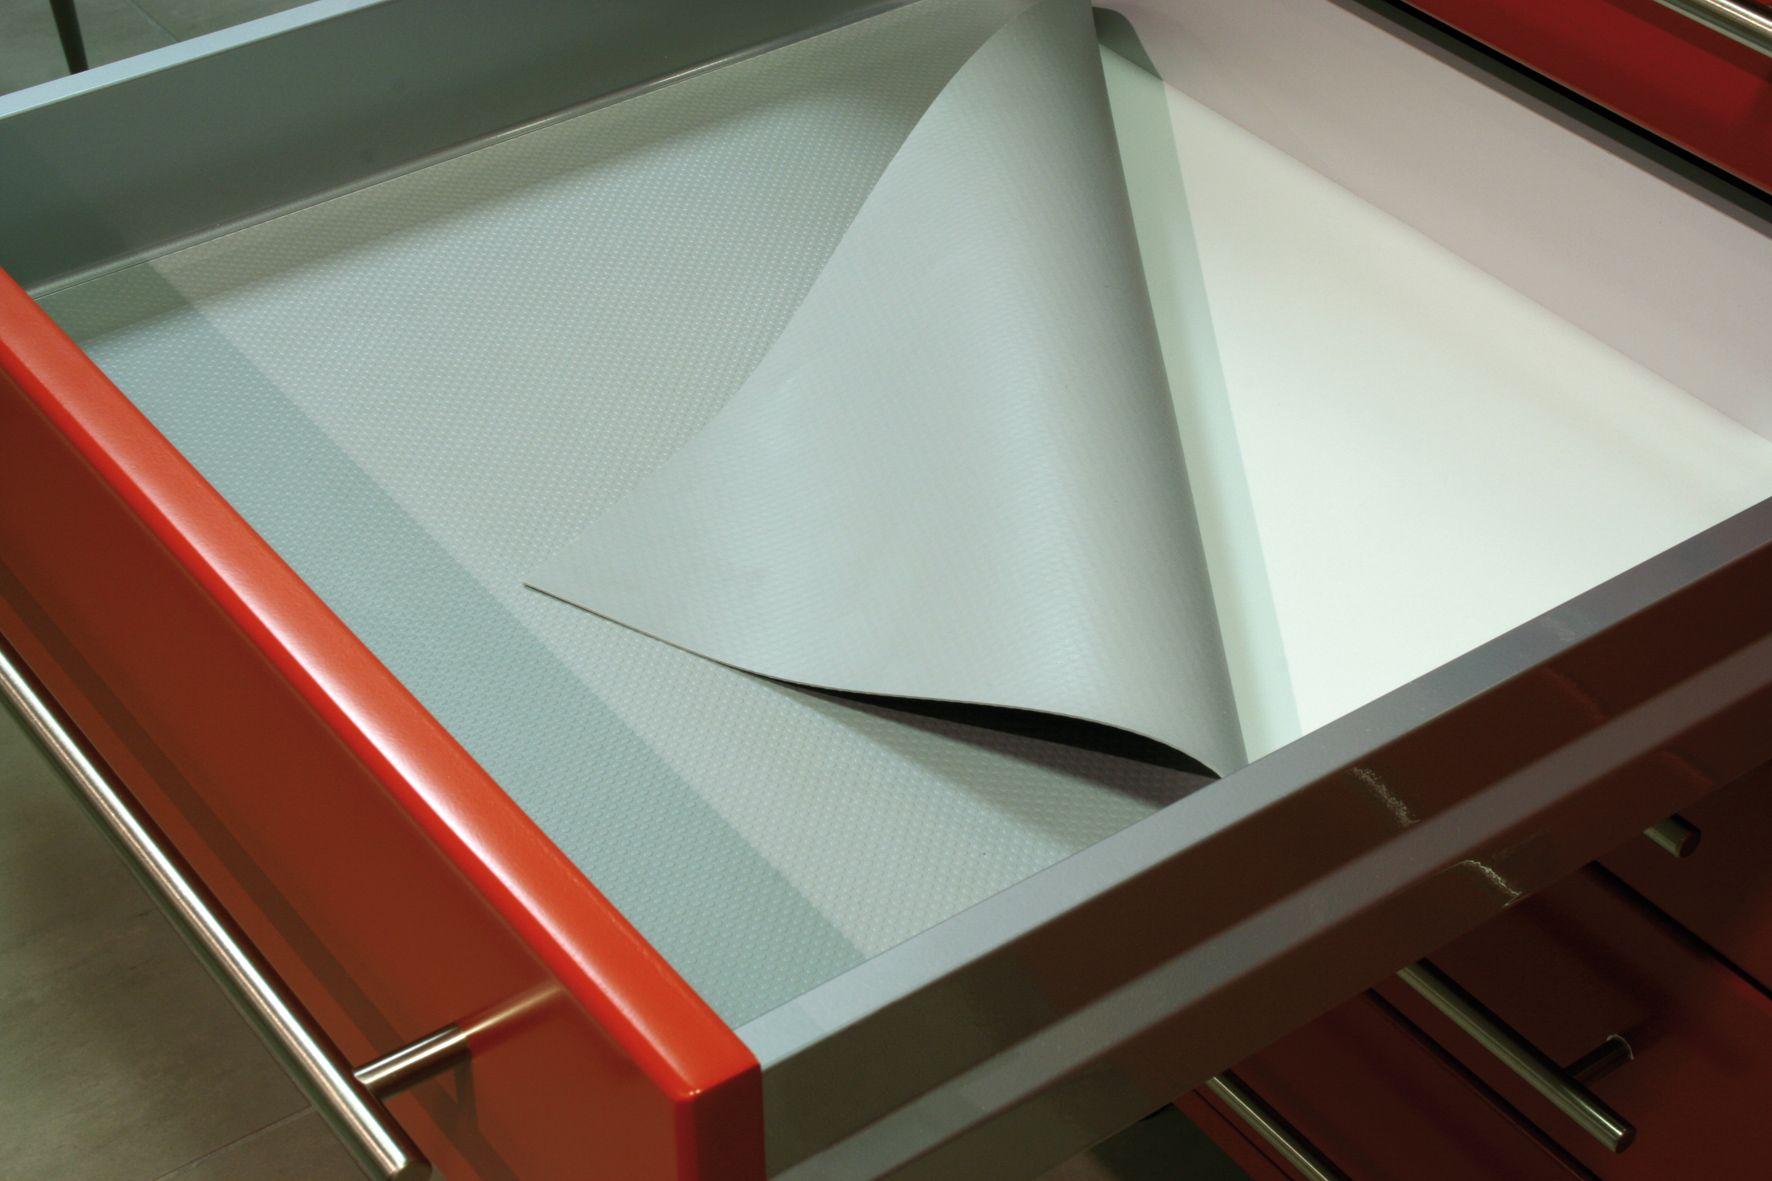 Tapis Anti Bruit Appartement tapis anti-dérapants pour fond de tiroir #hettich disponible